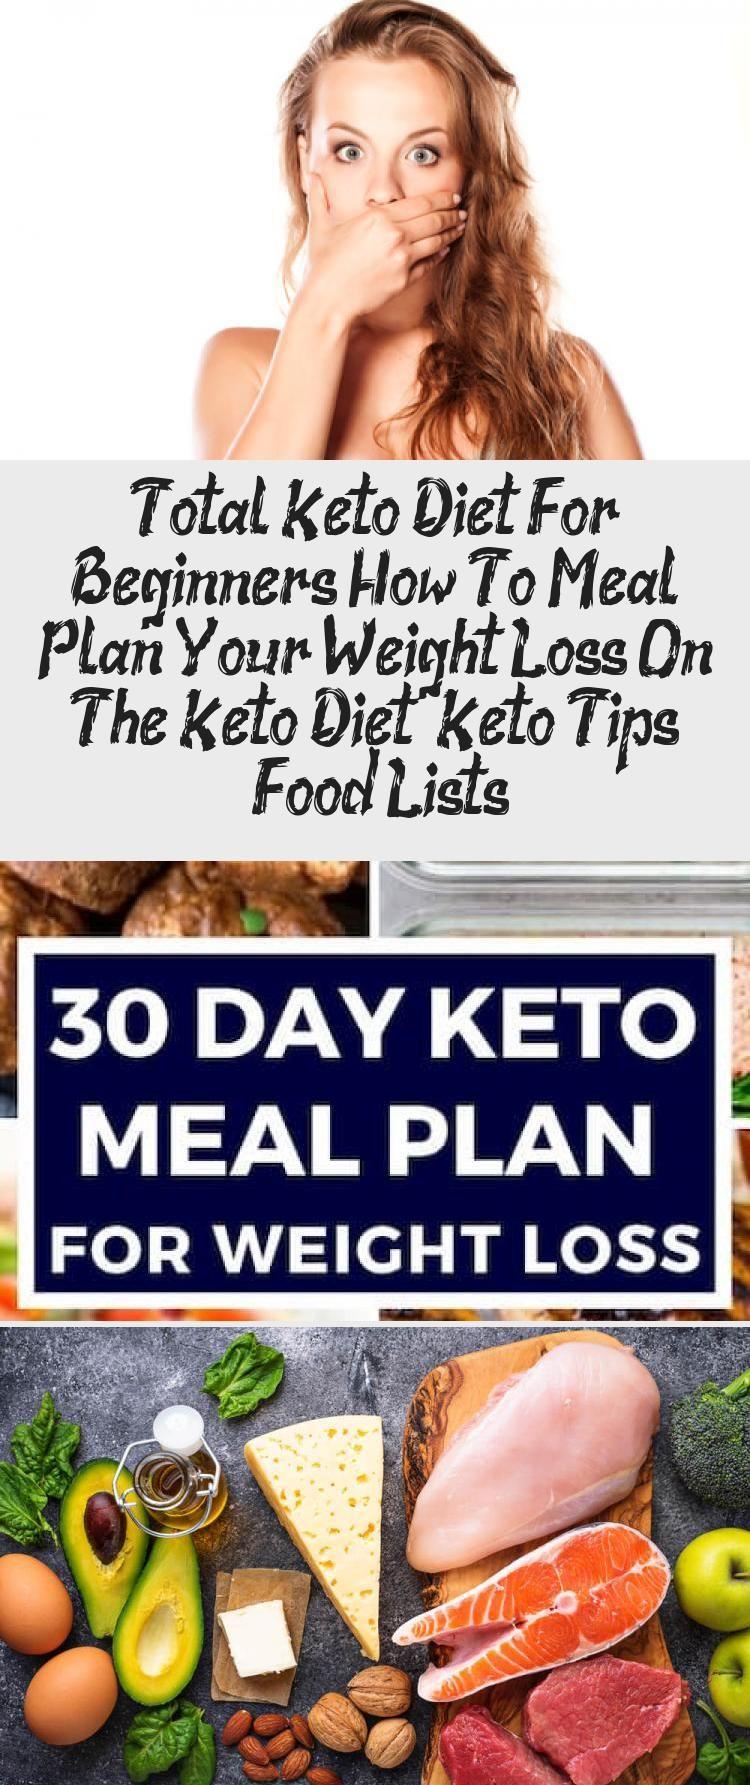 Photo of Gesamt-Keto-Diät für Anfänger: So planen Sie Ihren Gewichtsverlust auf der Keto-Diät + Keto-Tipps und Lebensmittellisten – Gewichtsverlust